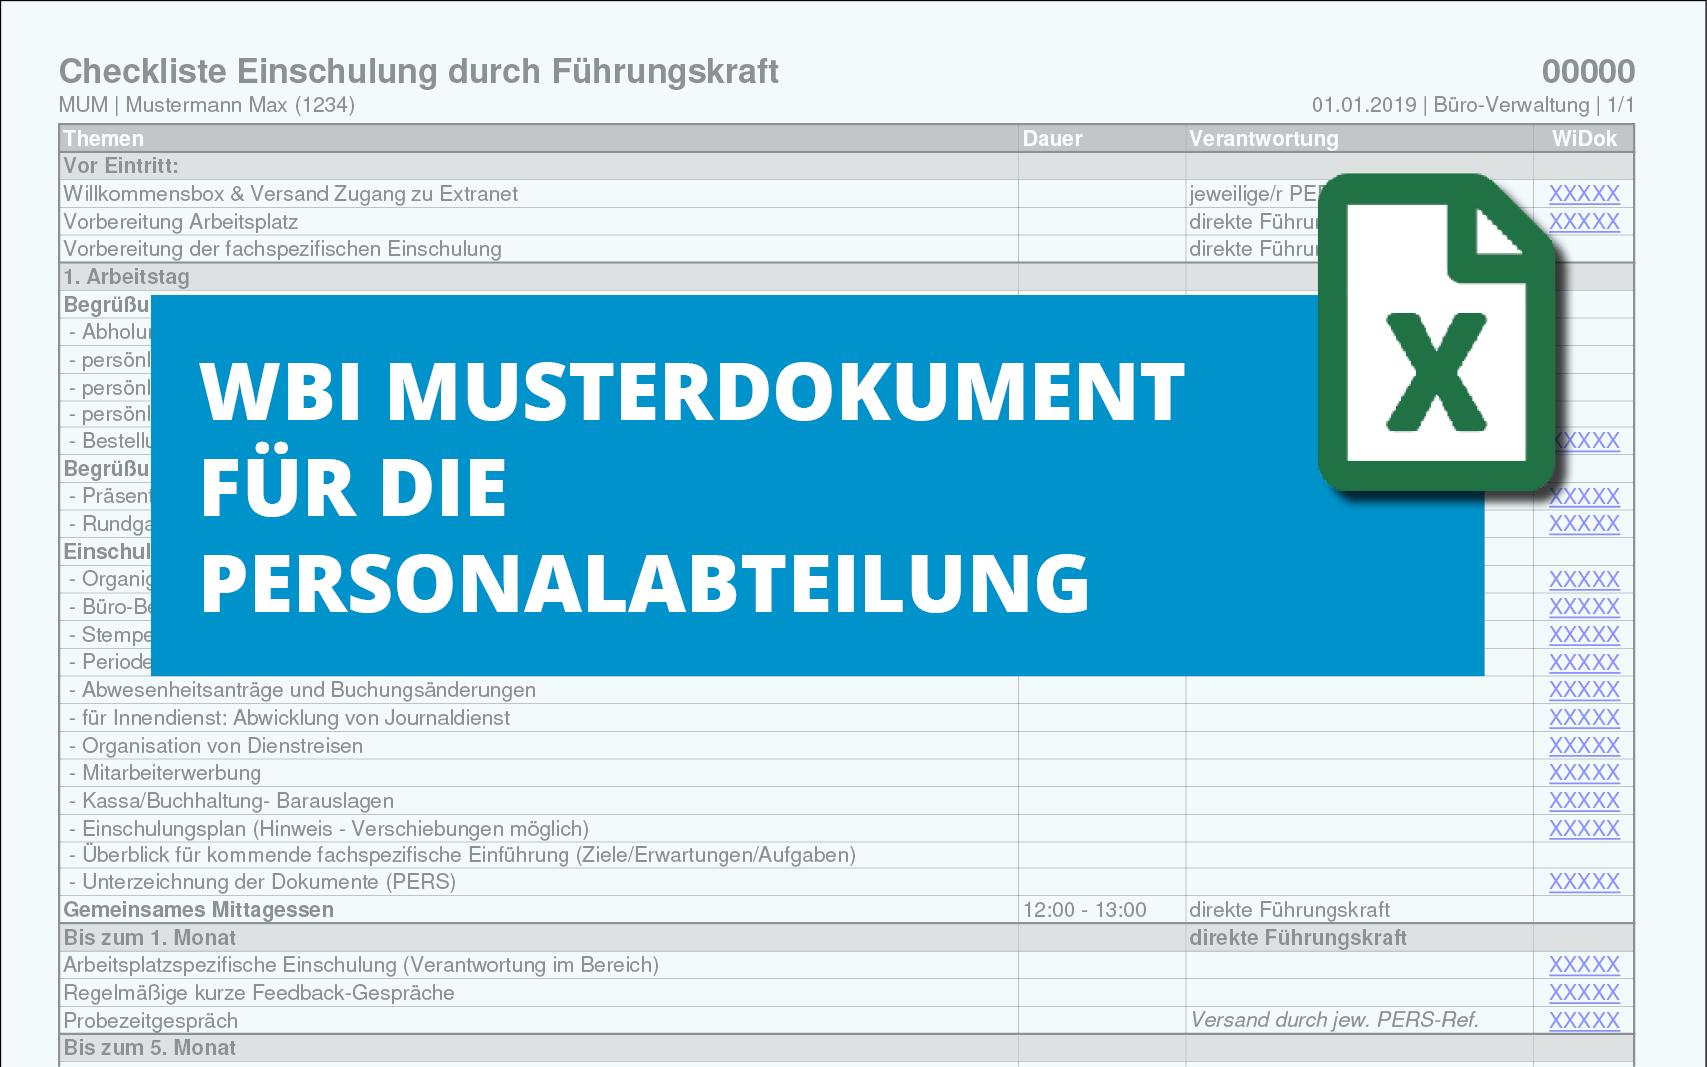 checkliste-einschulung-durch-fuehrungskraft